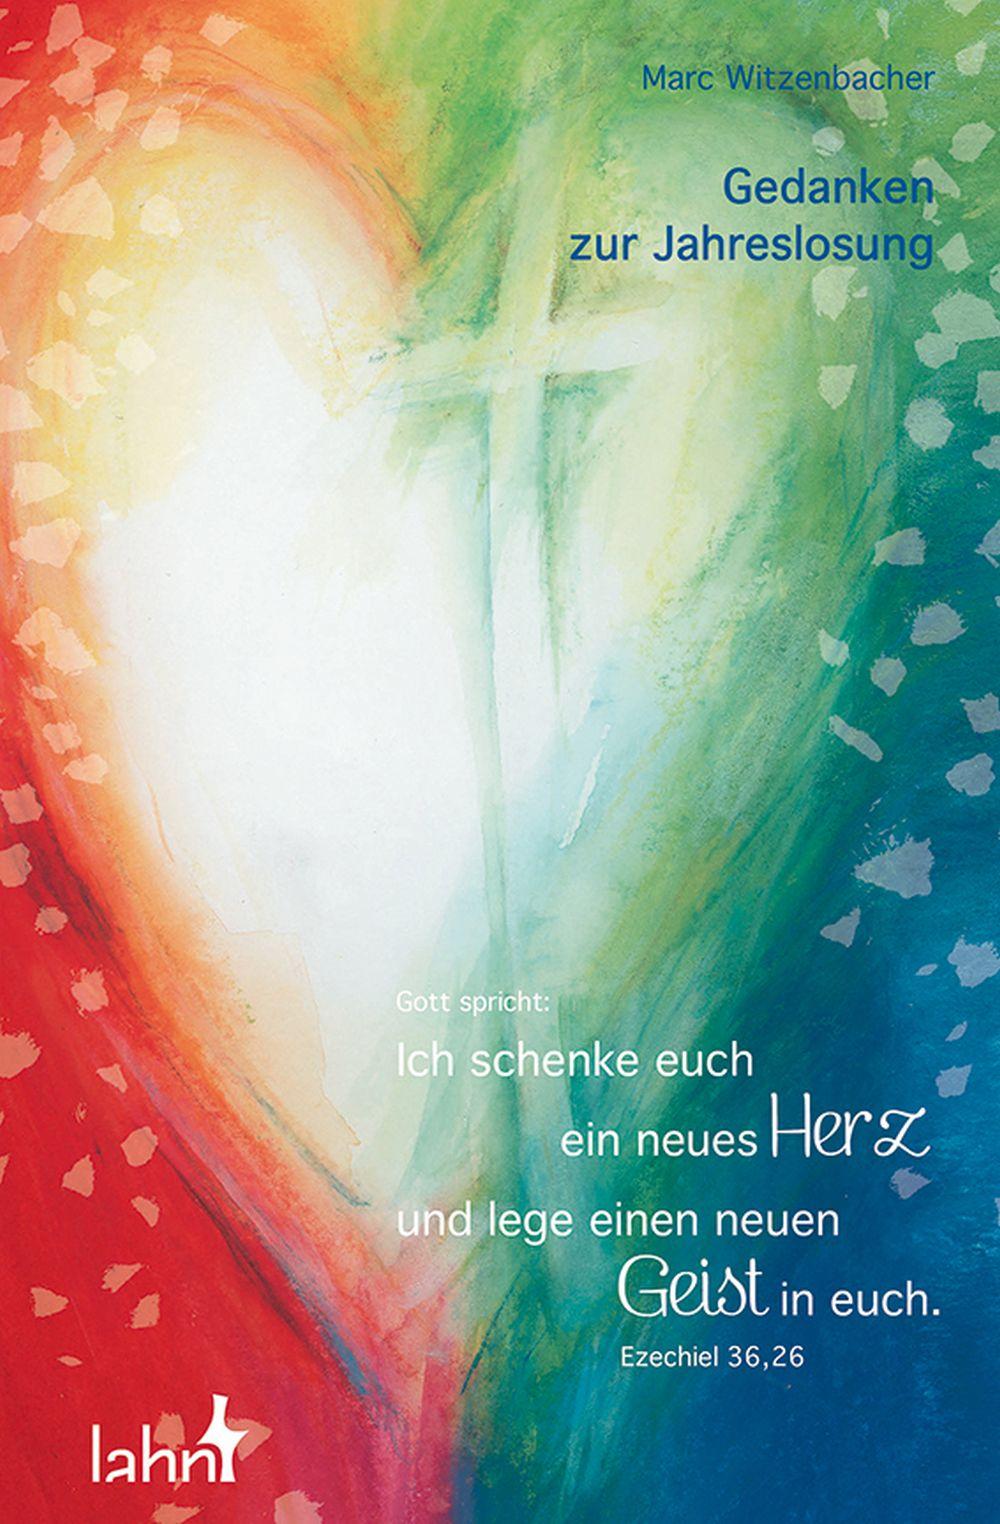 Gott spricht: Ich schenke euch ein neues Herz und lege einen neuen Geist in euch. - Gedanken zur Jahreslosung